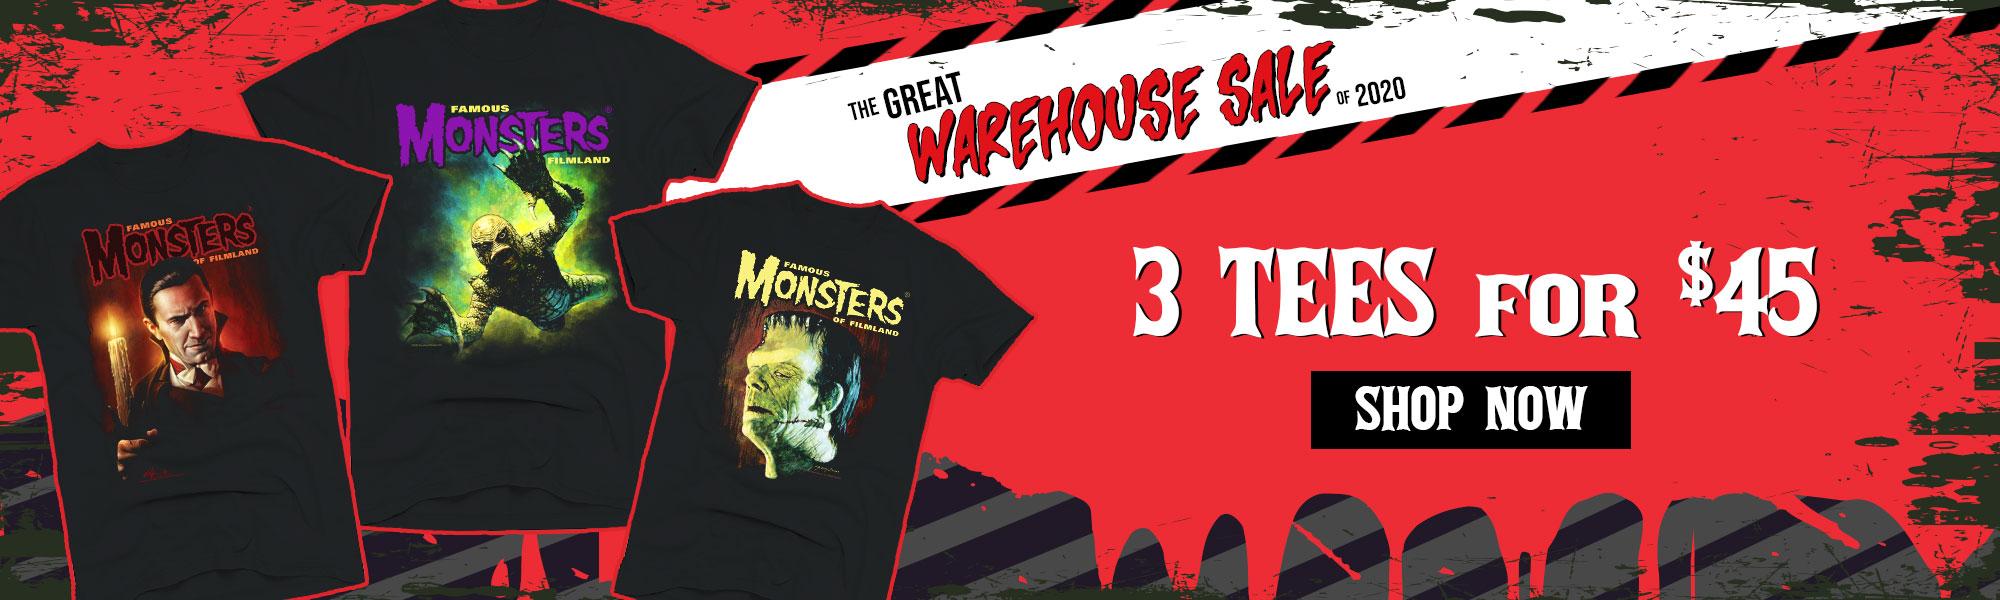 warehouse-sale-3-for-45-tees-slider.jpg